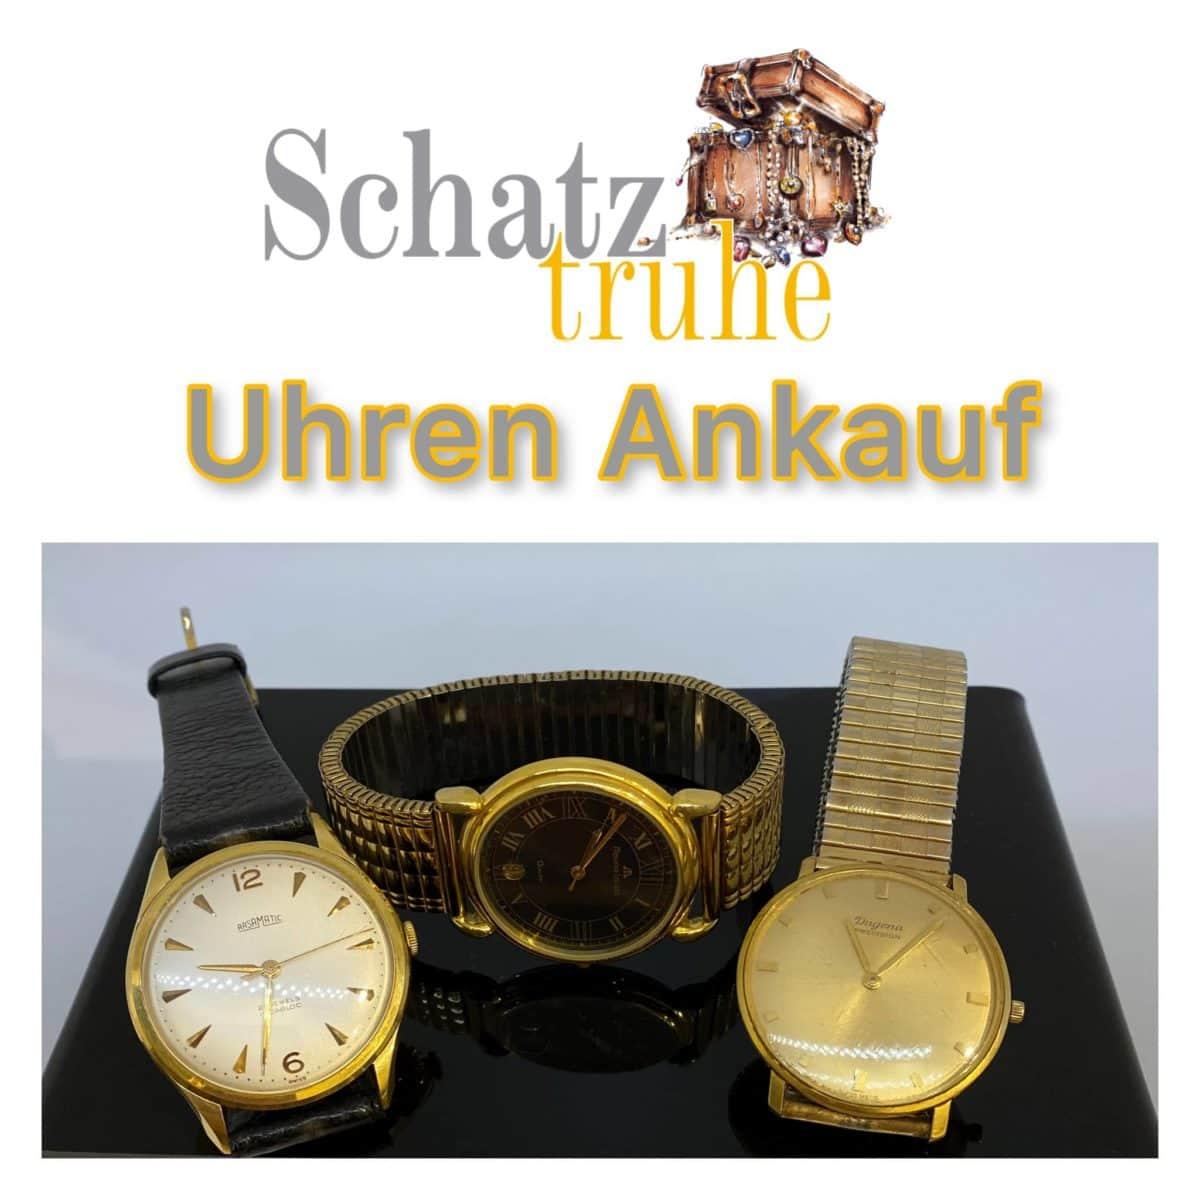 Uhren Ankauf